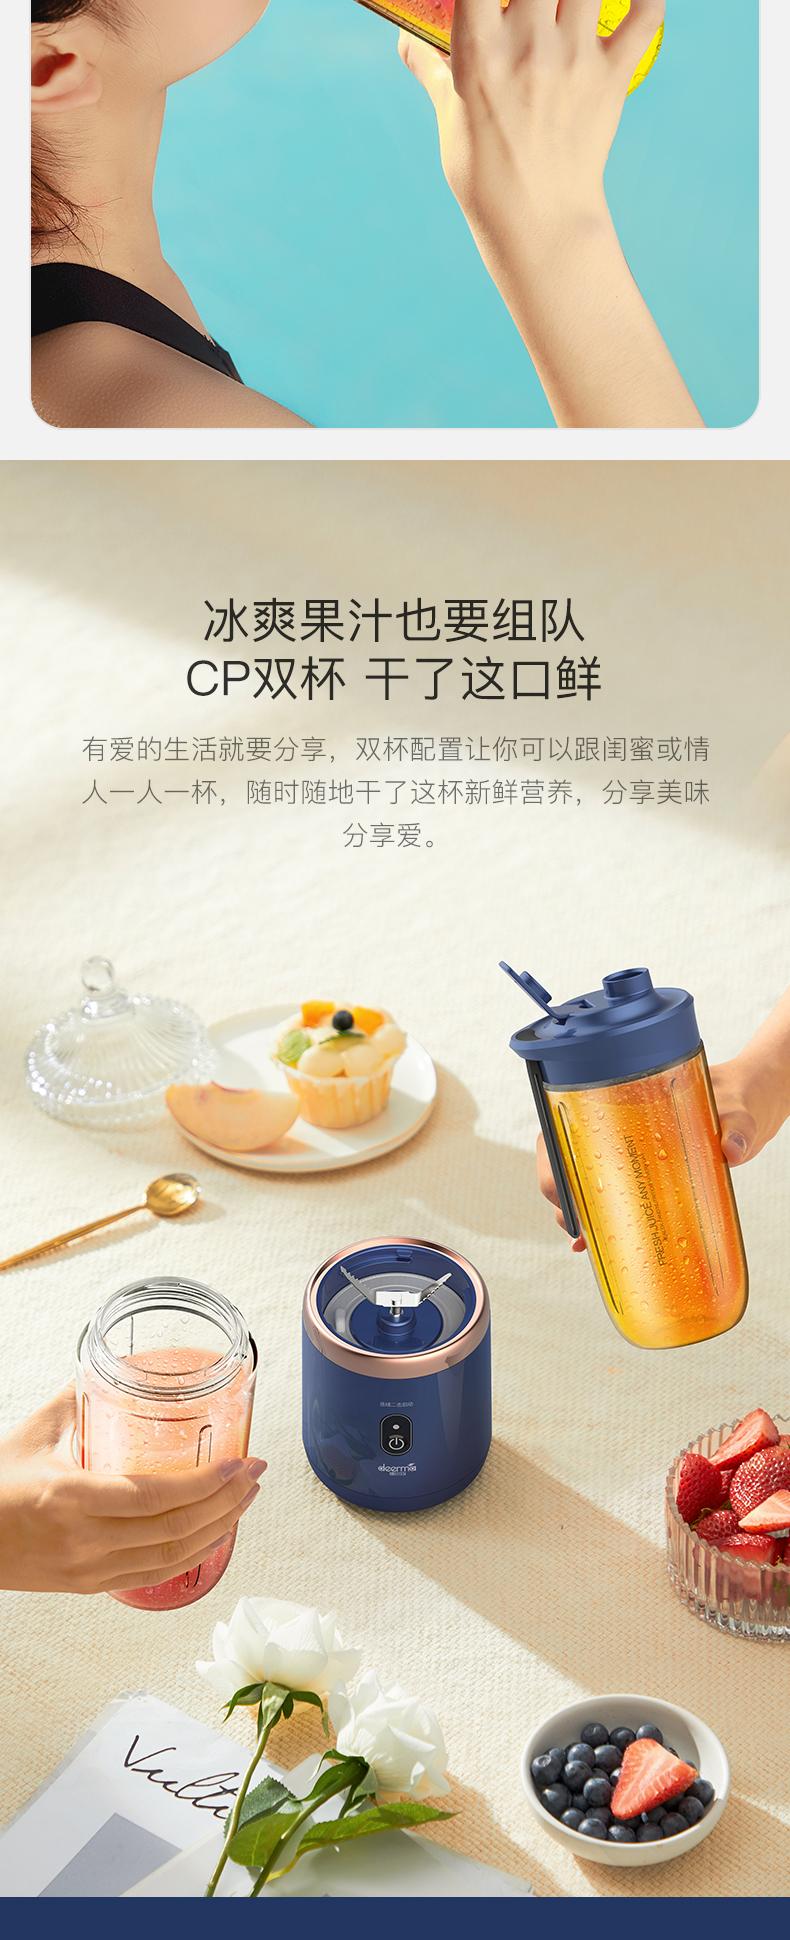 德尔玛可携式无线充电式榨汁机家用水果料理榨汁杯迷你型电动果汁机详细照片